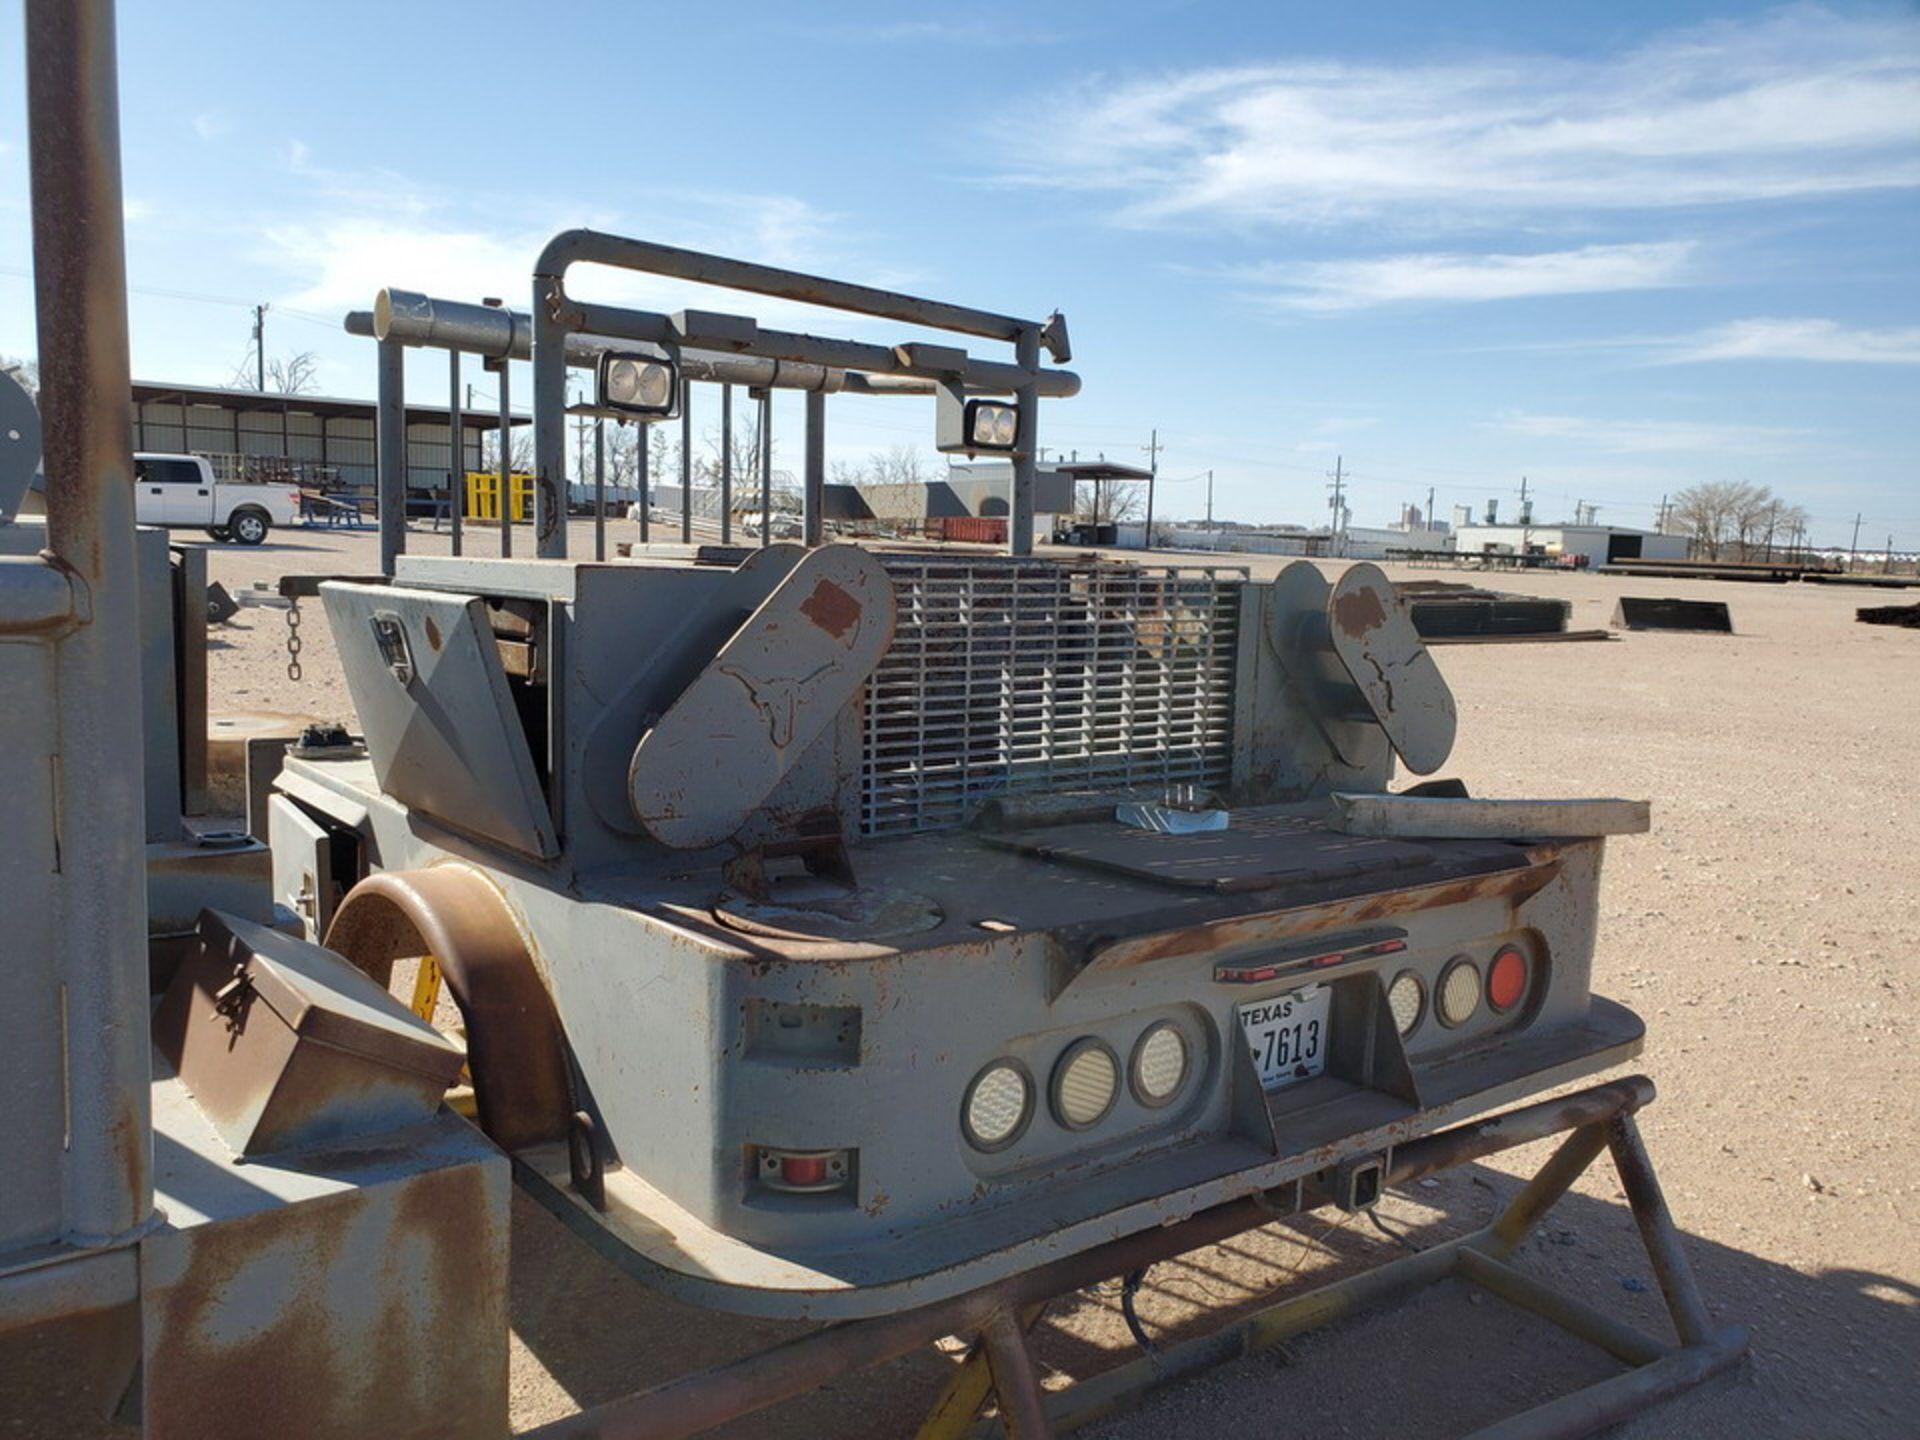 Welding Truck Bed - Image 5 of 10